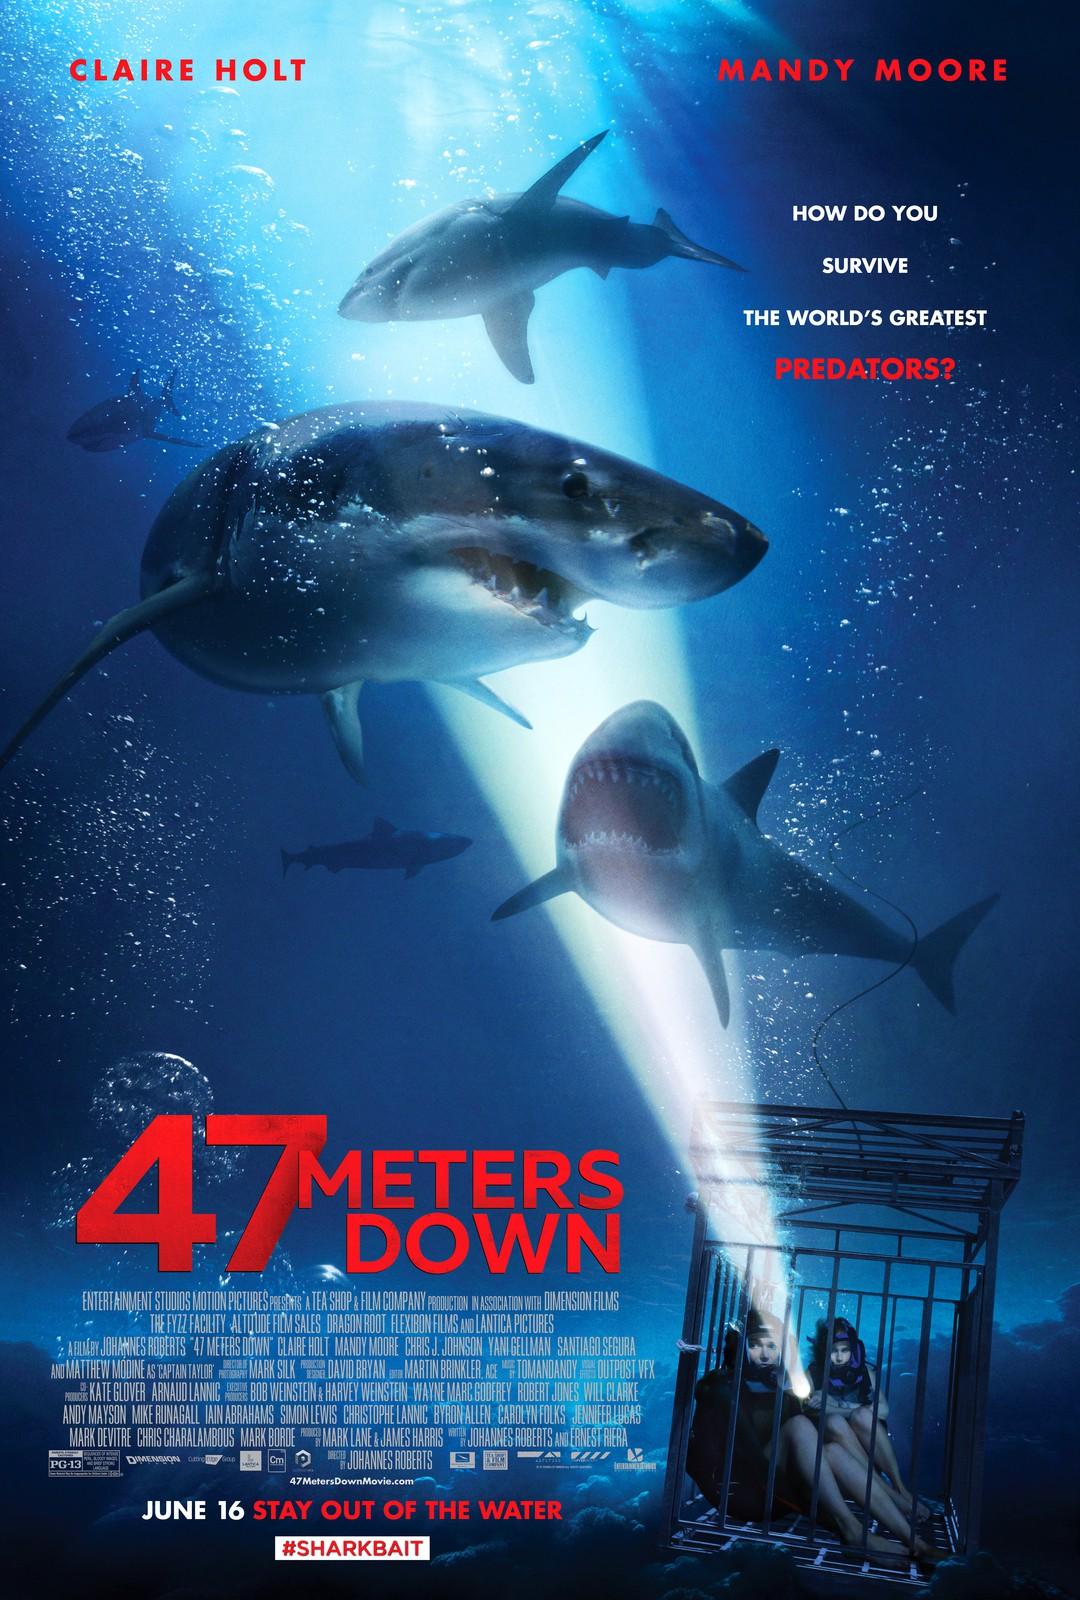 47 Meters Down - Neuer Trailer zum Hai-Horror - Bild 3 von 6